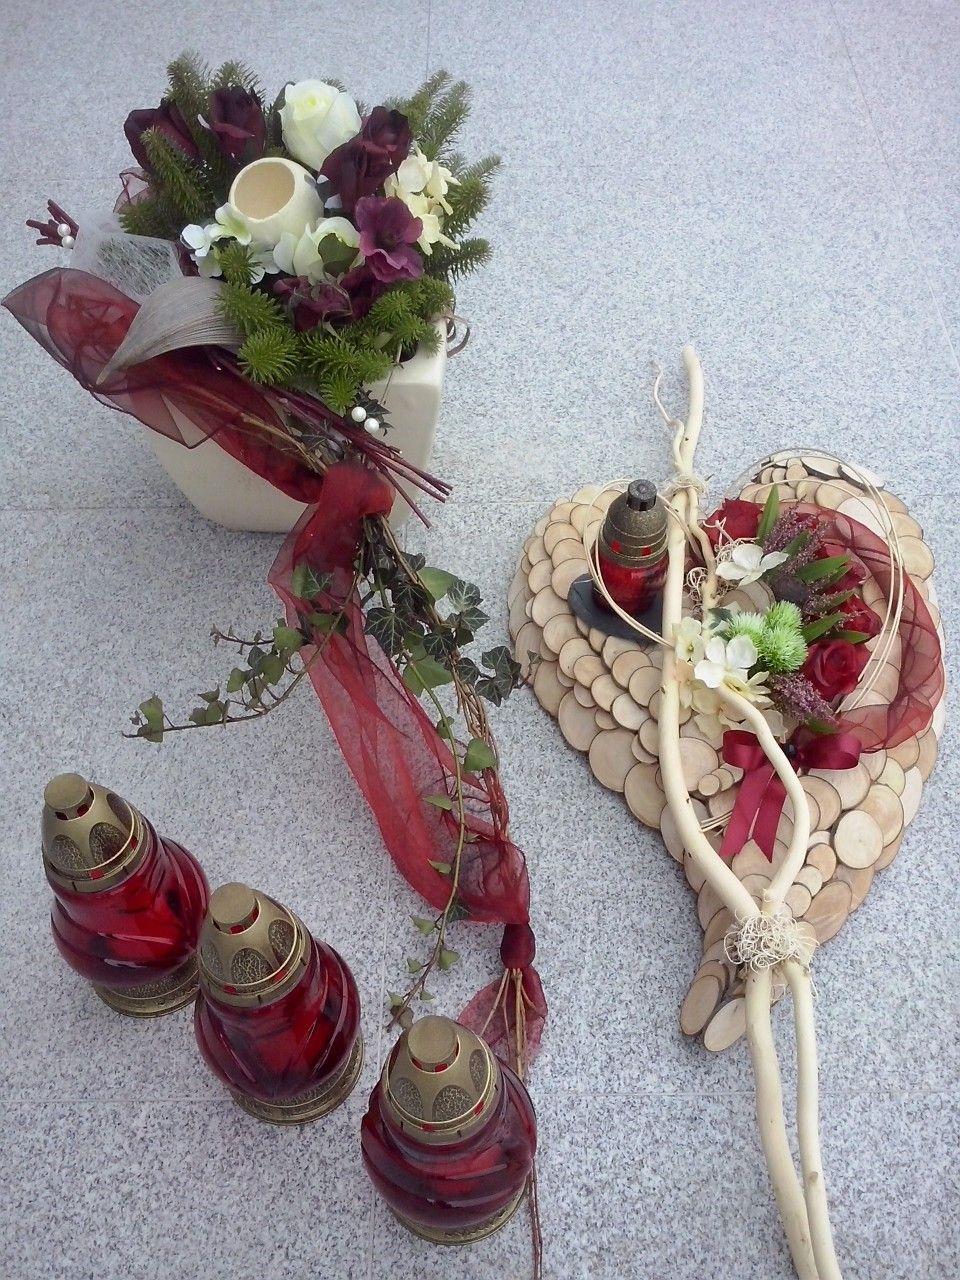 Dekoracja Nagrobna Florystyka Funeralna Wszystkich Swietych 1 Listopada November 01 Decor Table Decorations